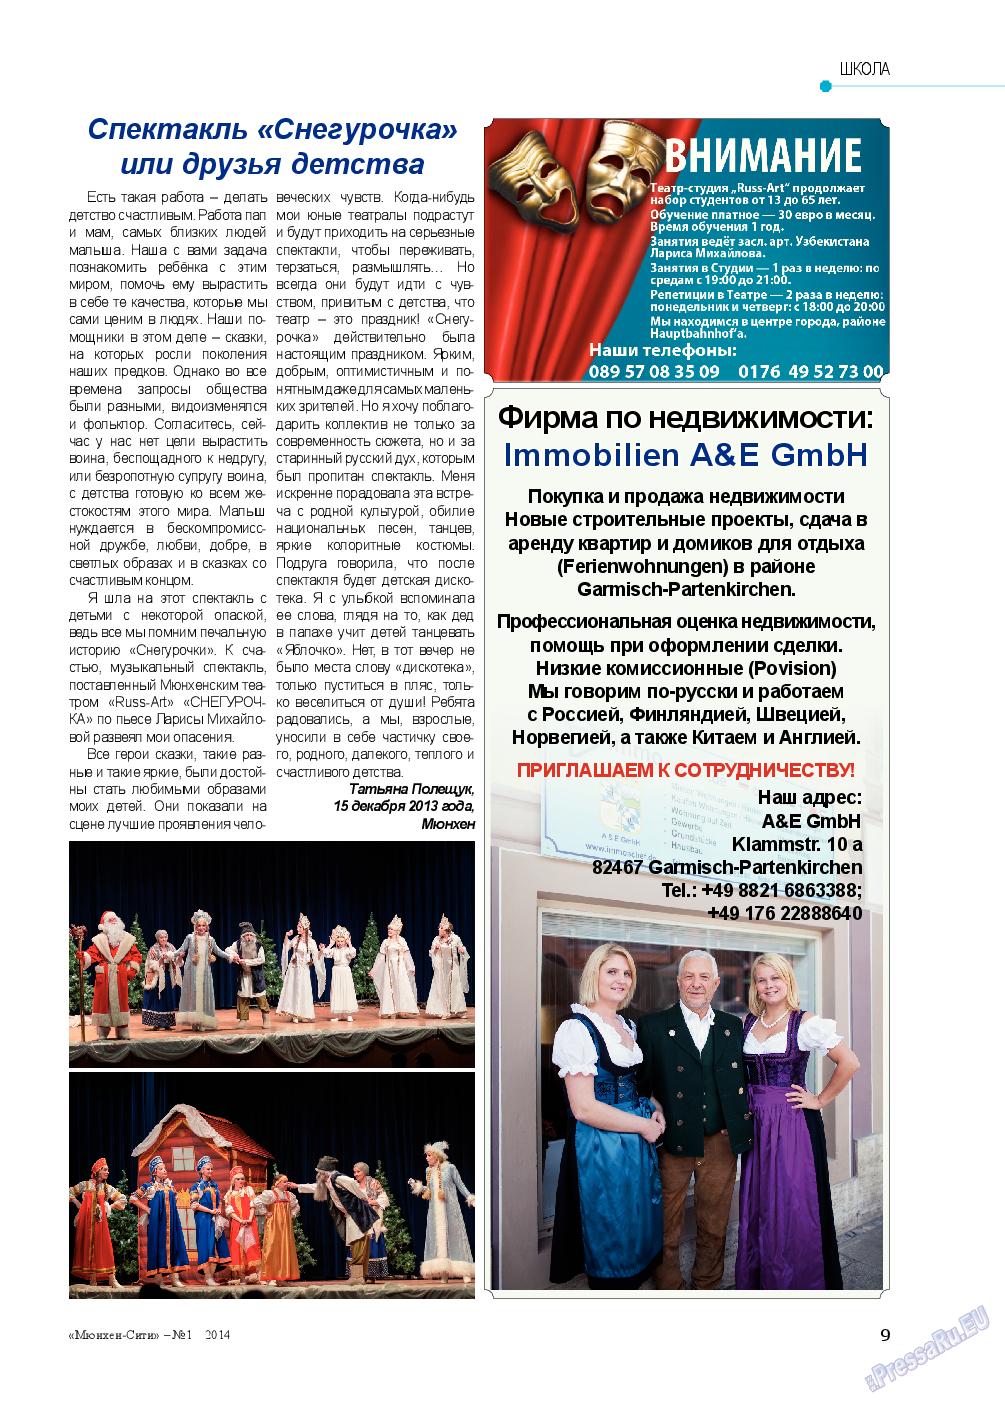 Мюнхен-сити (журнал). 2014 год, номер 1, стр. 9